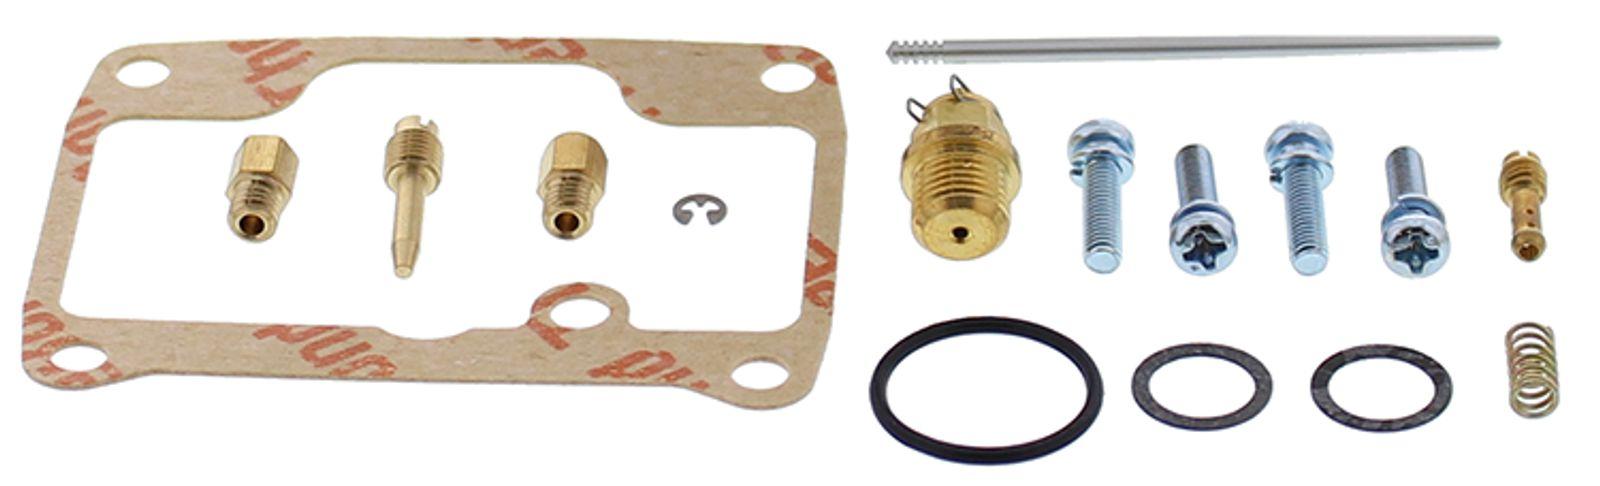 Wrp Carb Repair Kits - WRP2610004 image